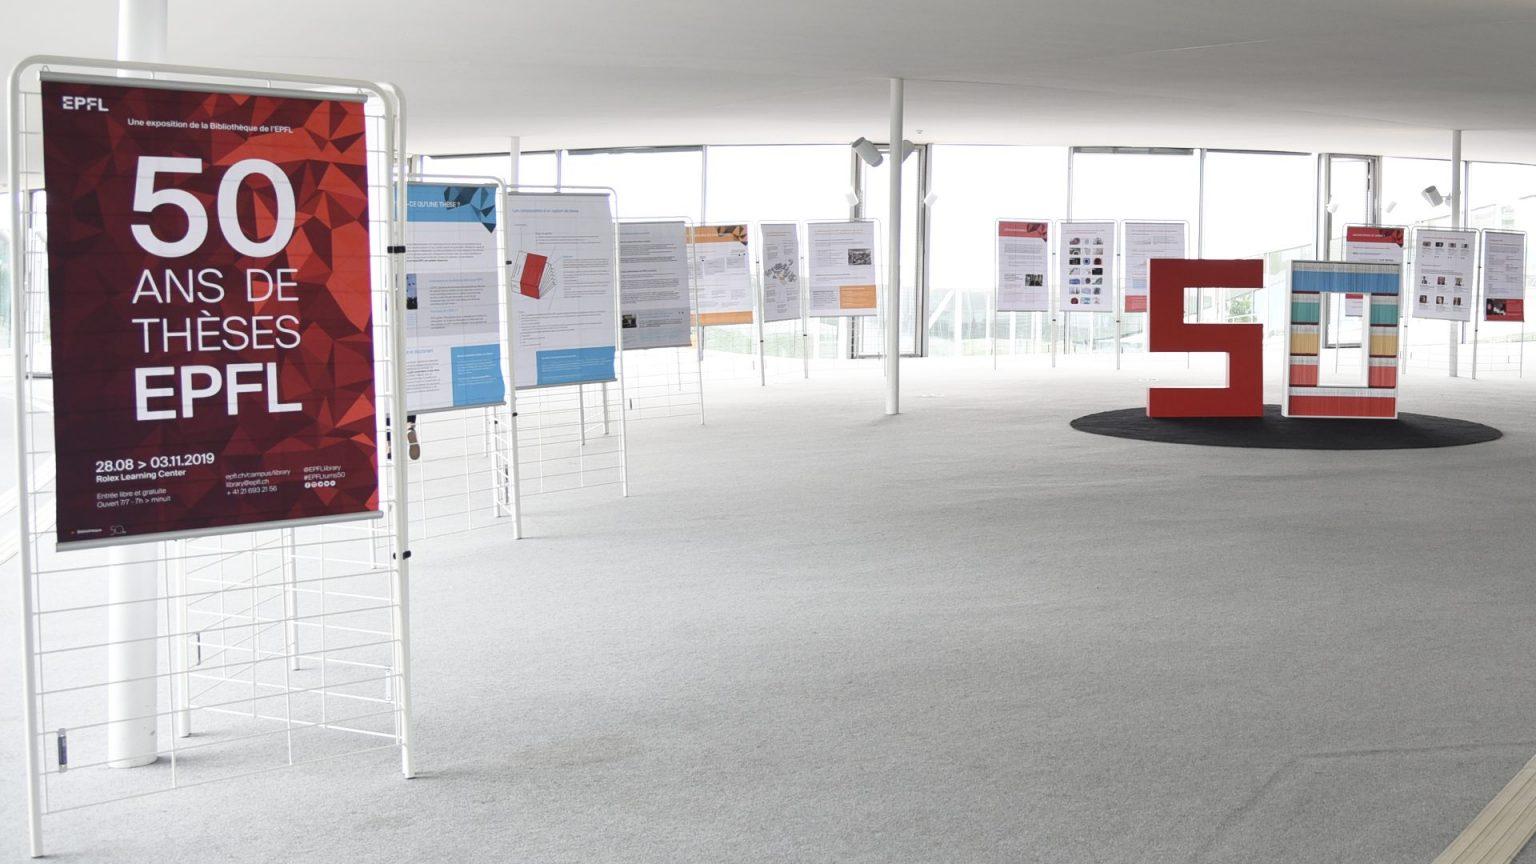 Des panneaux dans le Rolex Learning Center à l'occasion des 50 ans de l'EPFL